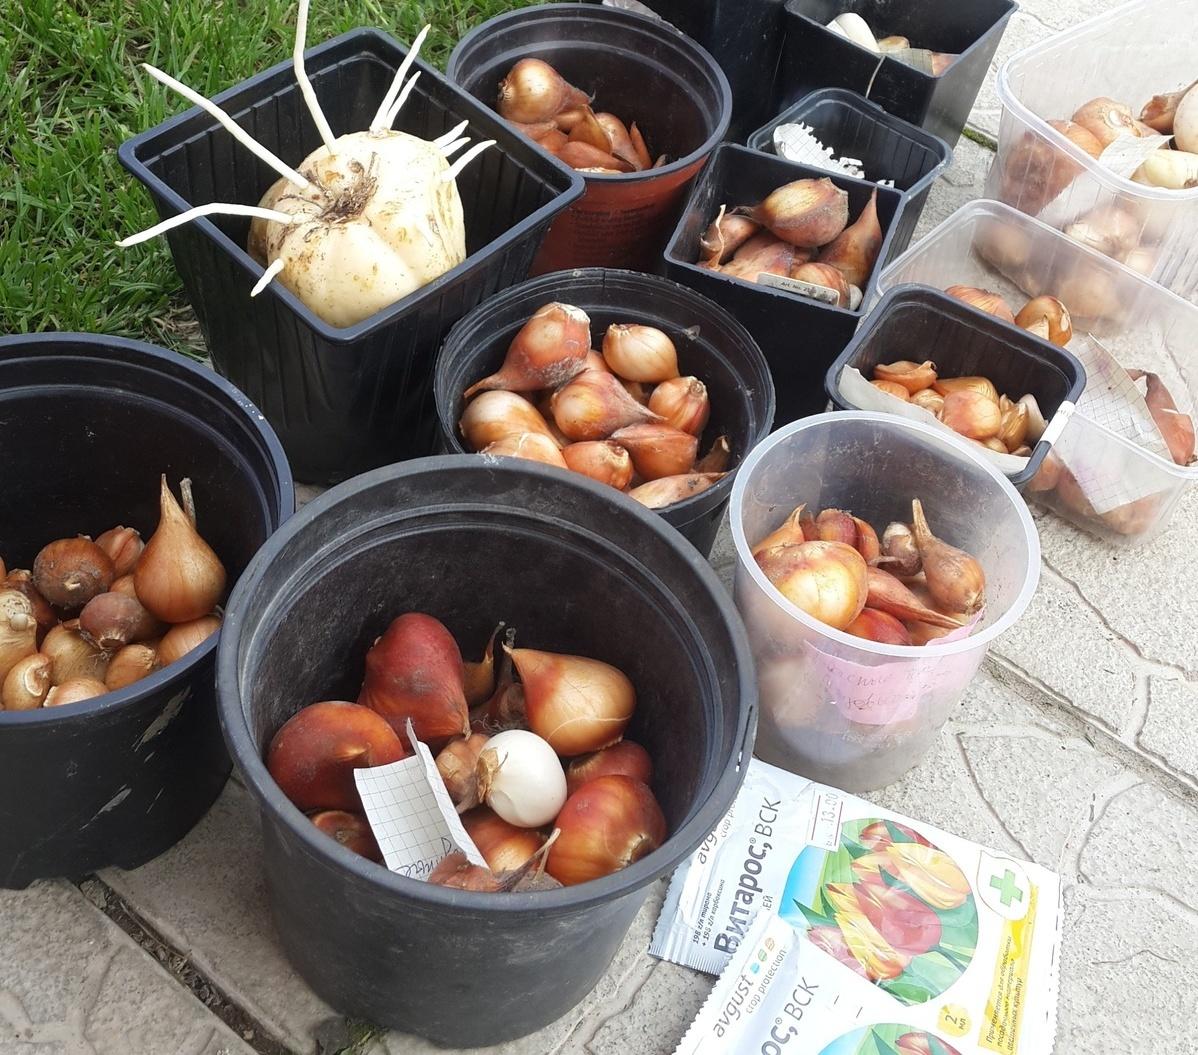 Как сажать тюльпаны в корзины для луковичных: хитрости и тонкости